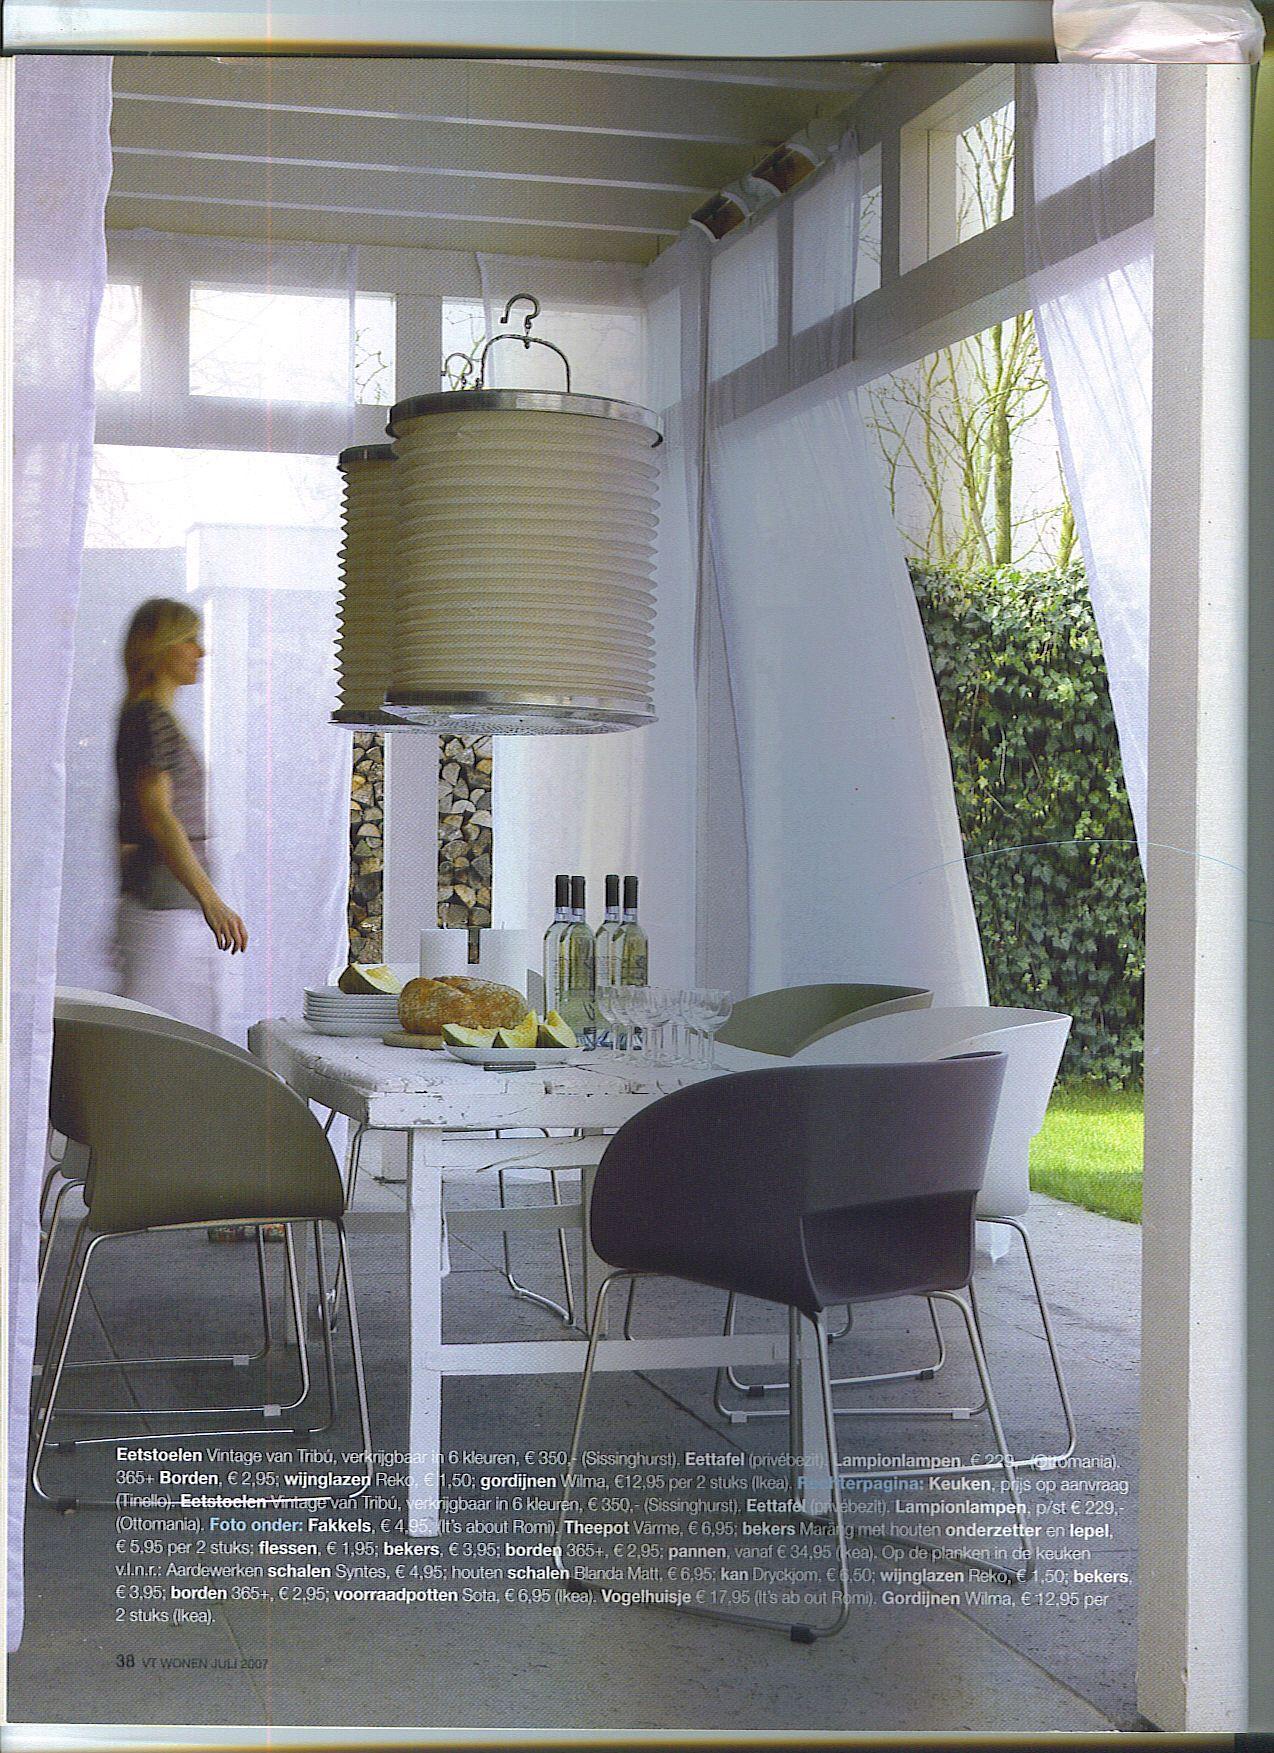 Veranda met voile gordijnen   Terras   Pinterest